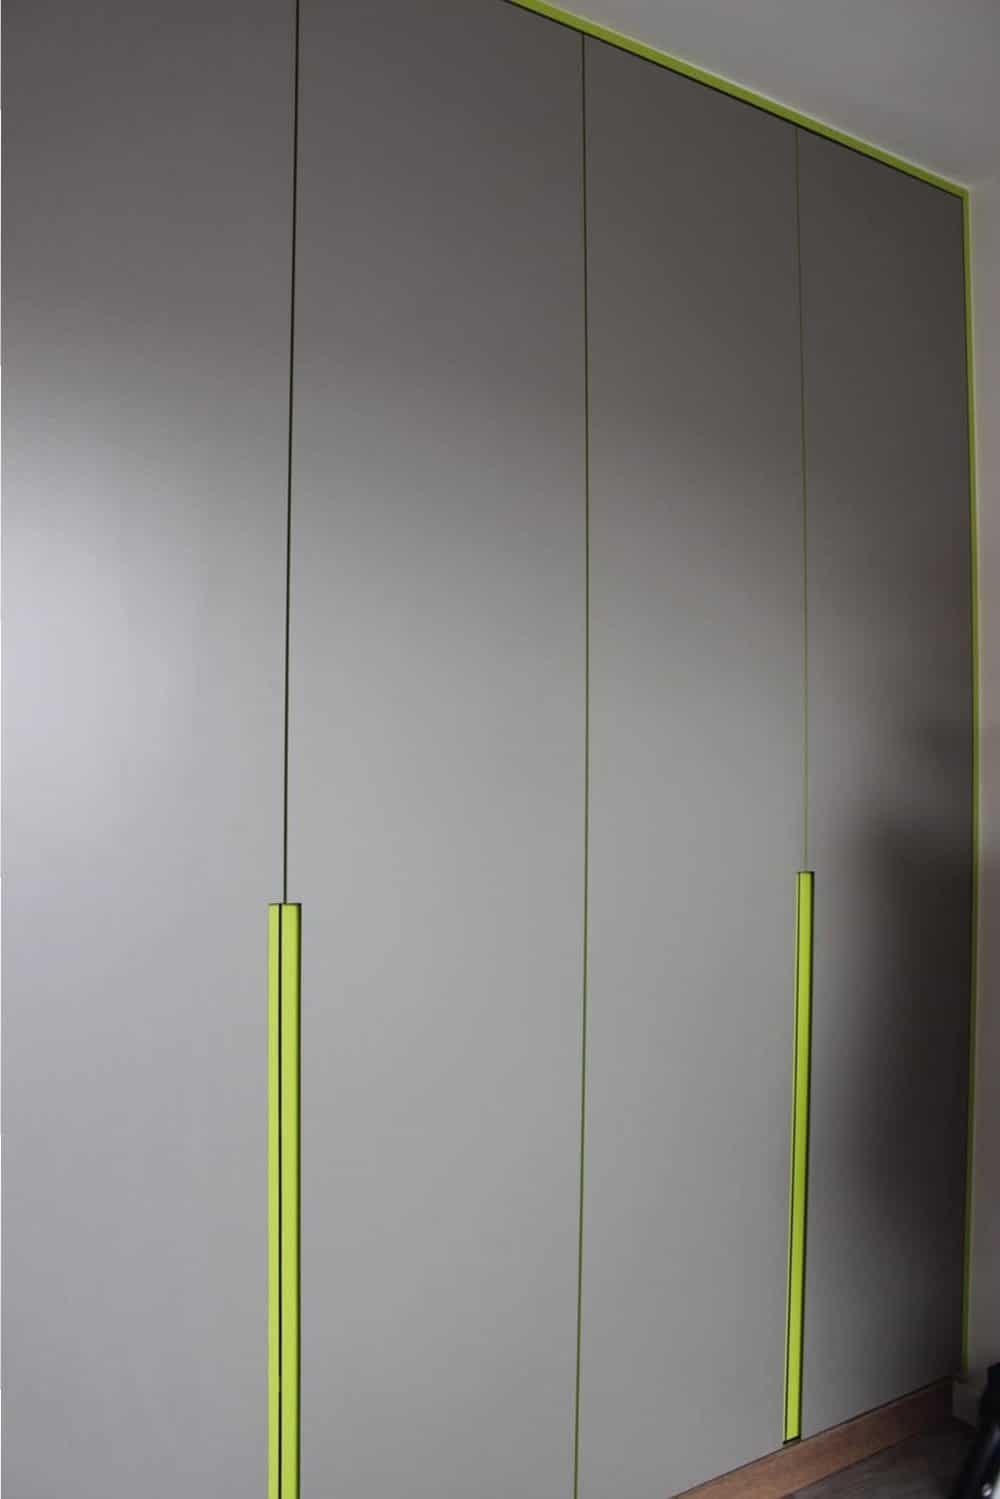 Deboosere interieurinrichting | Bureaukast image 7